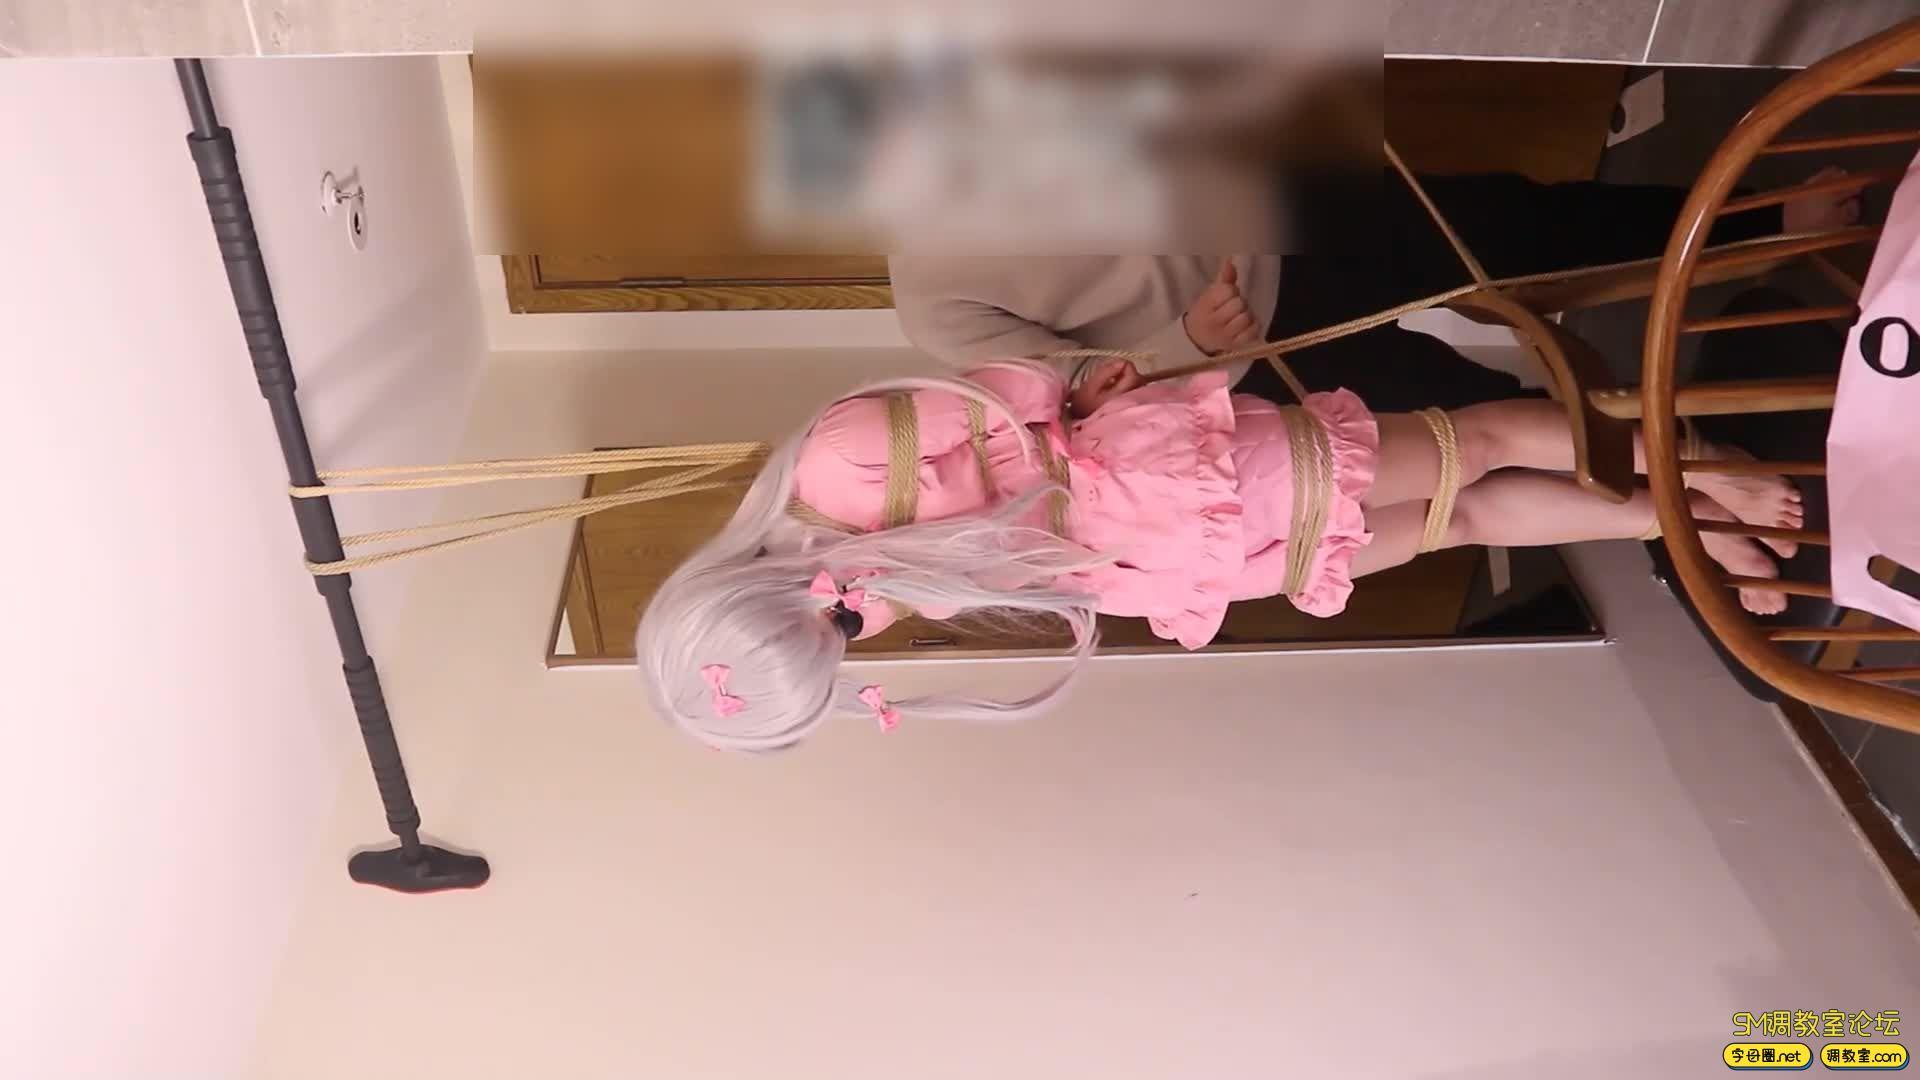 绳艺66号_萝莉妹子安酱的和泉纱雾COS吊缚滴蜡虐足-视频截图5